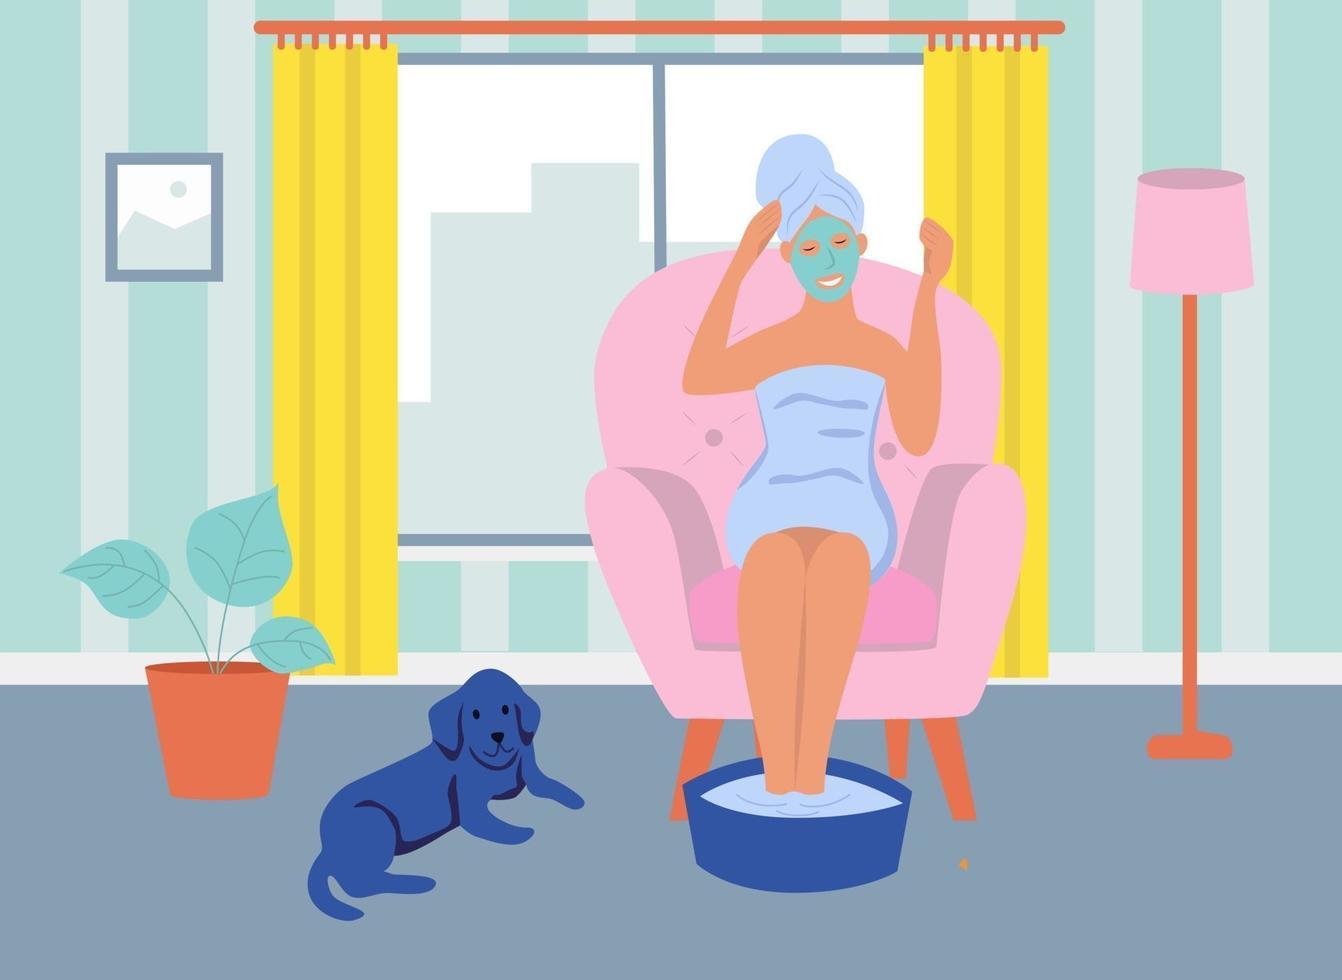 en ung kvinna med en kosmetisk mask i ansiktet sitter i en stol. begreppet hemspa, vardagsliv, vardagliga fritids- och arbetsaktiviteter. platt tecknad vektorillustration. vektor